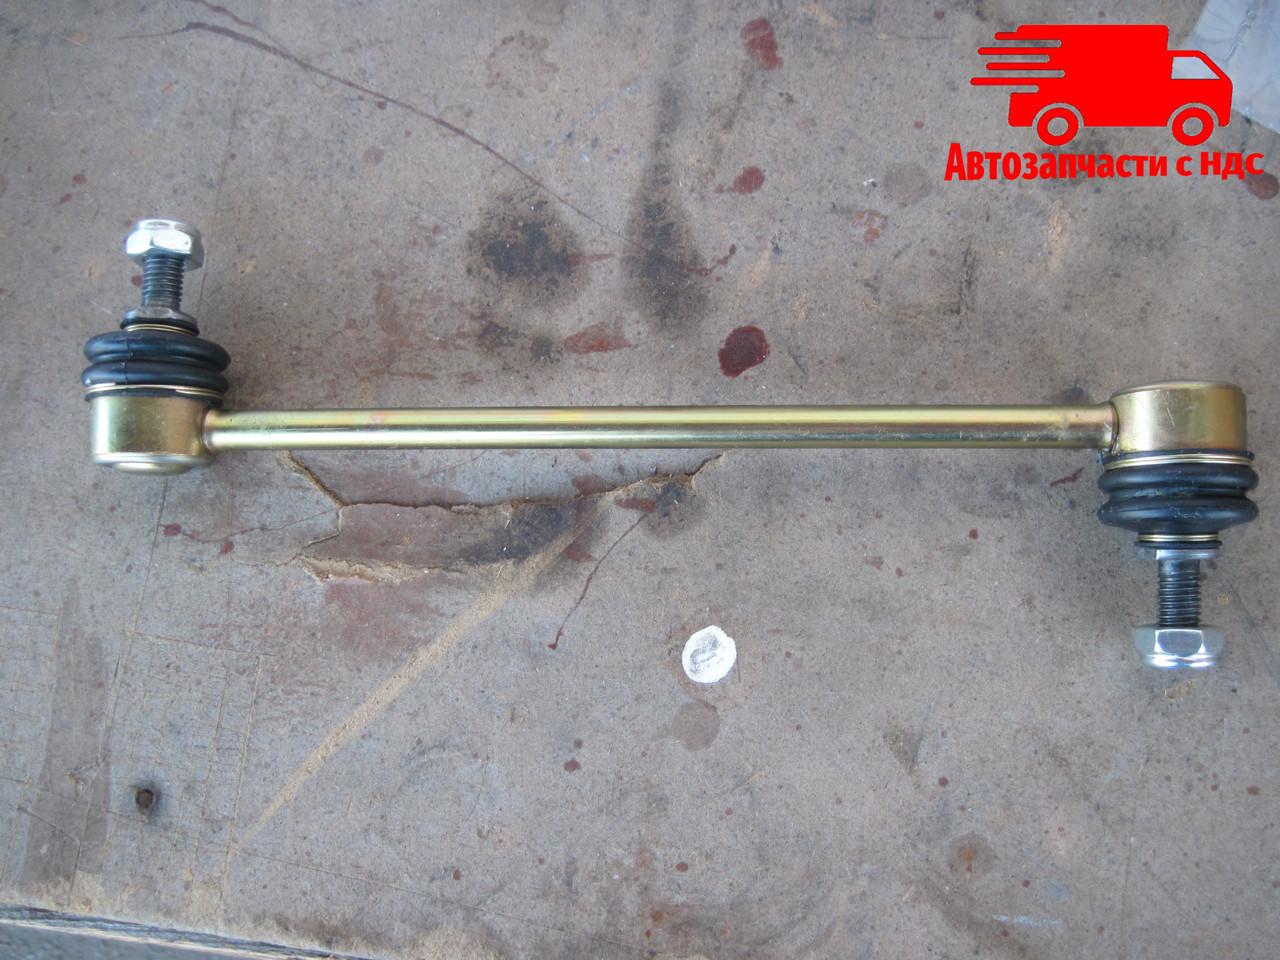 Стойка стабилизатора BMW 3 (E36) 91-01, 5 (E34) 88-95 передний RD.341510576 (RIDER).